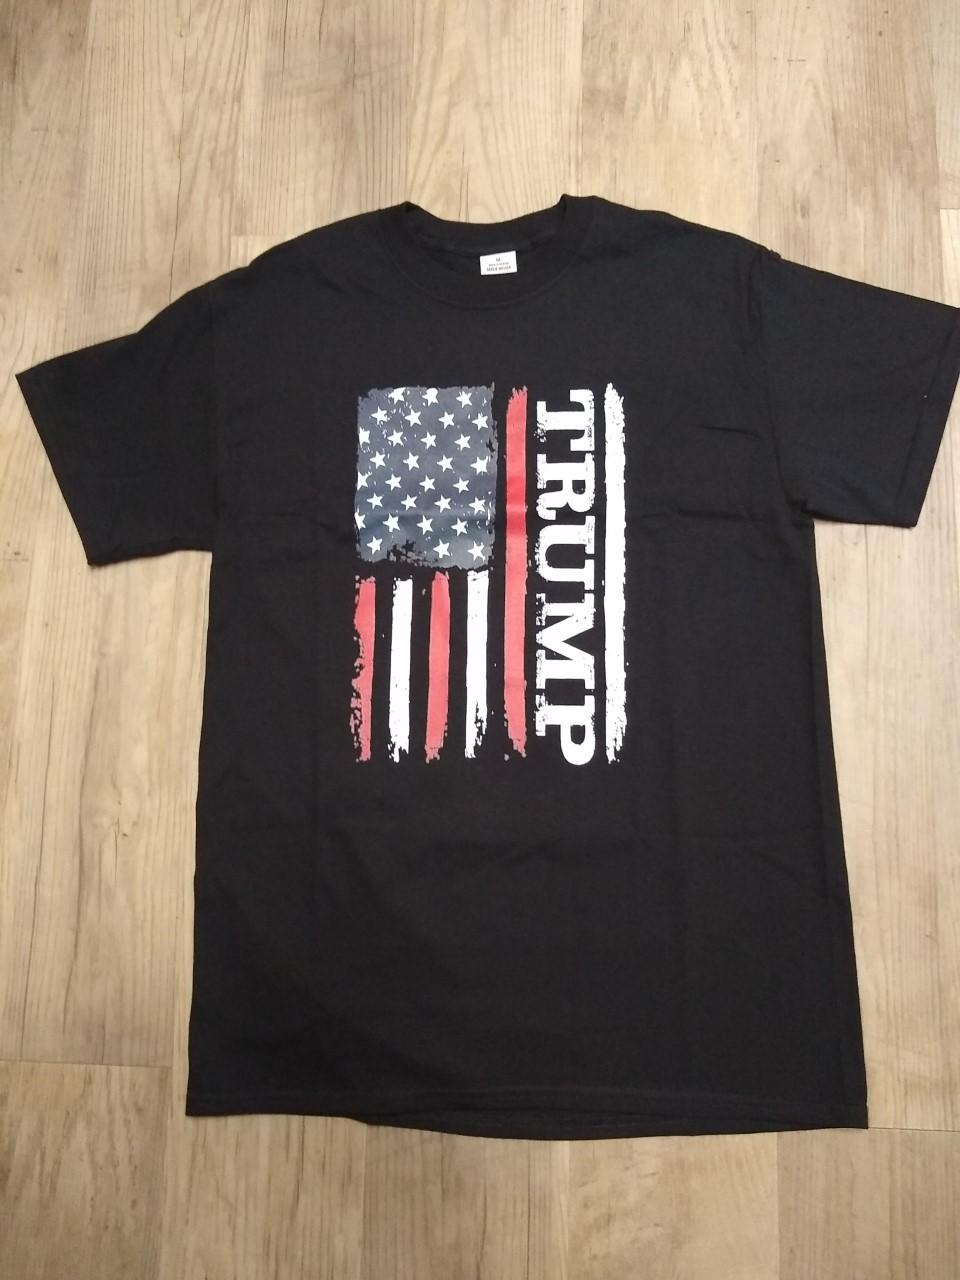 TrumpTshirt1.jpg